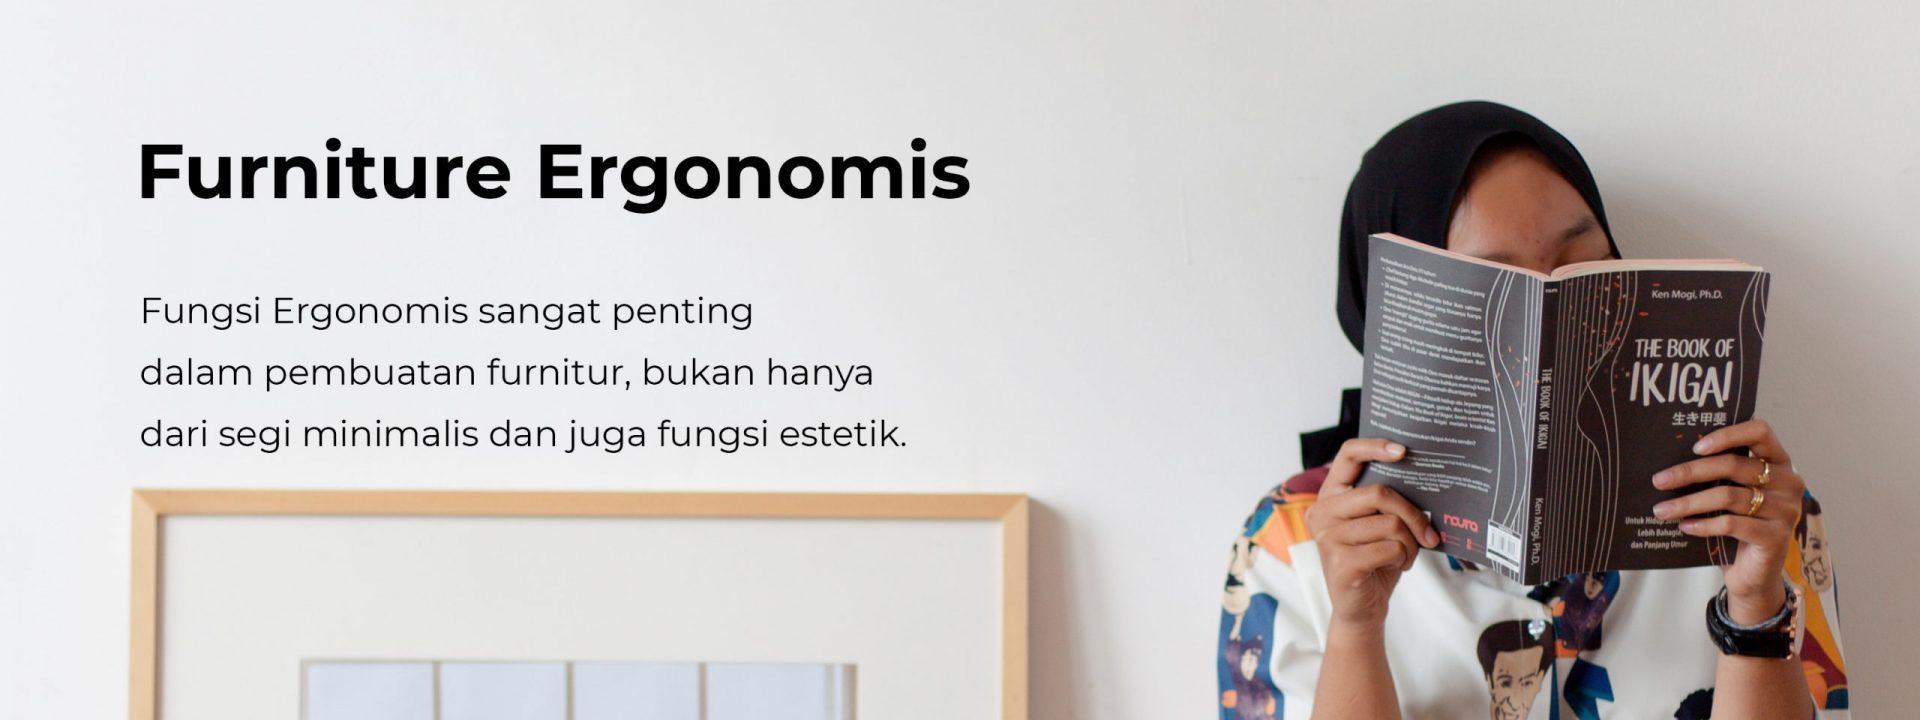 furniture ergonomis